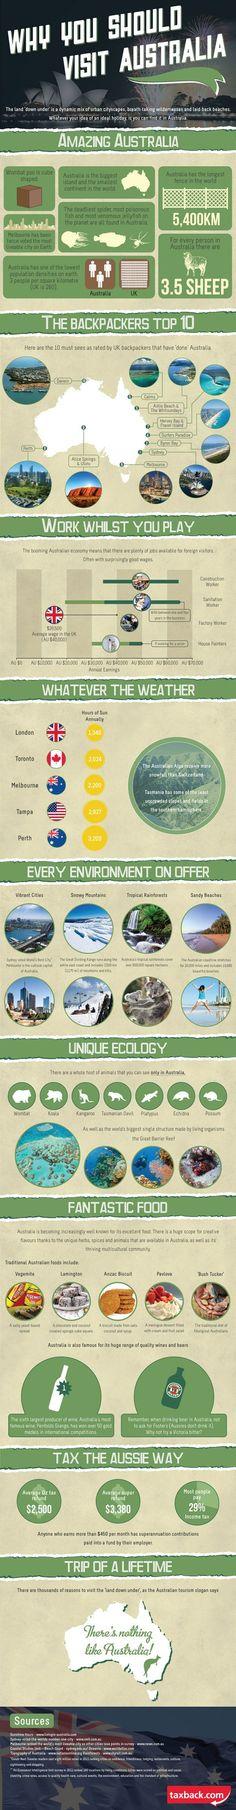 Pourquoi vous devriez visiter l'Australie